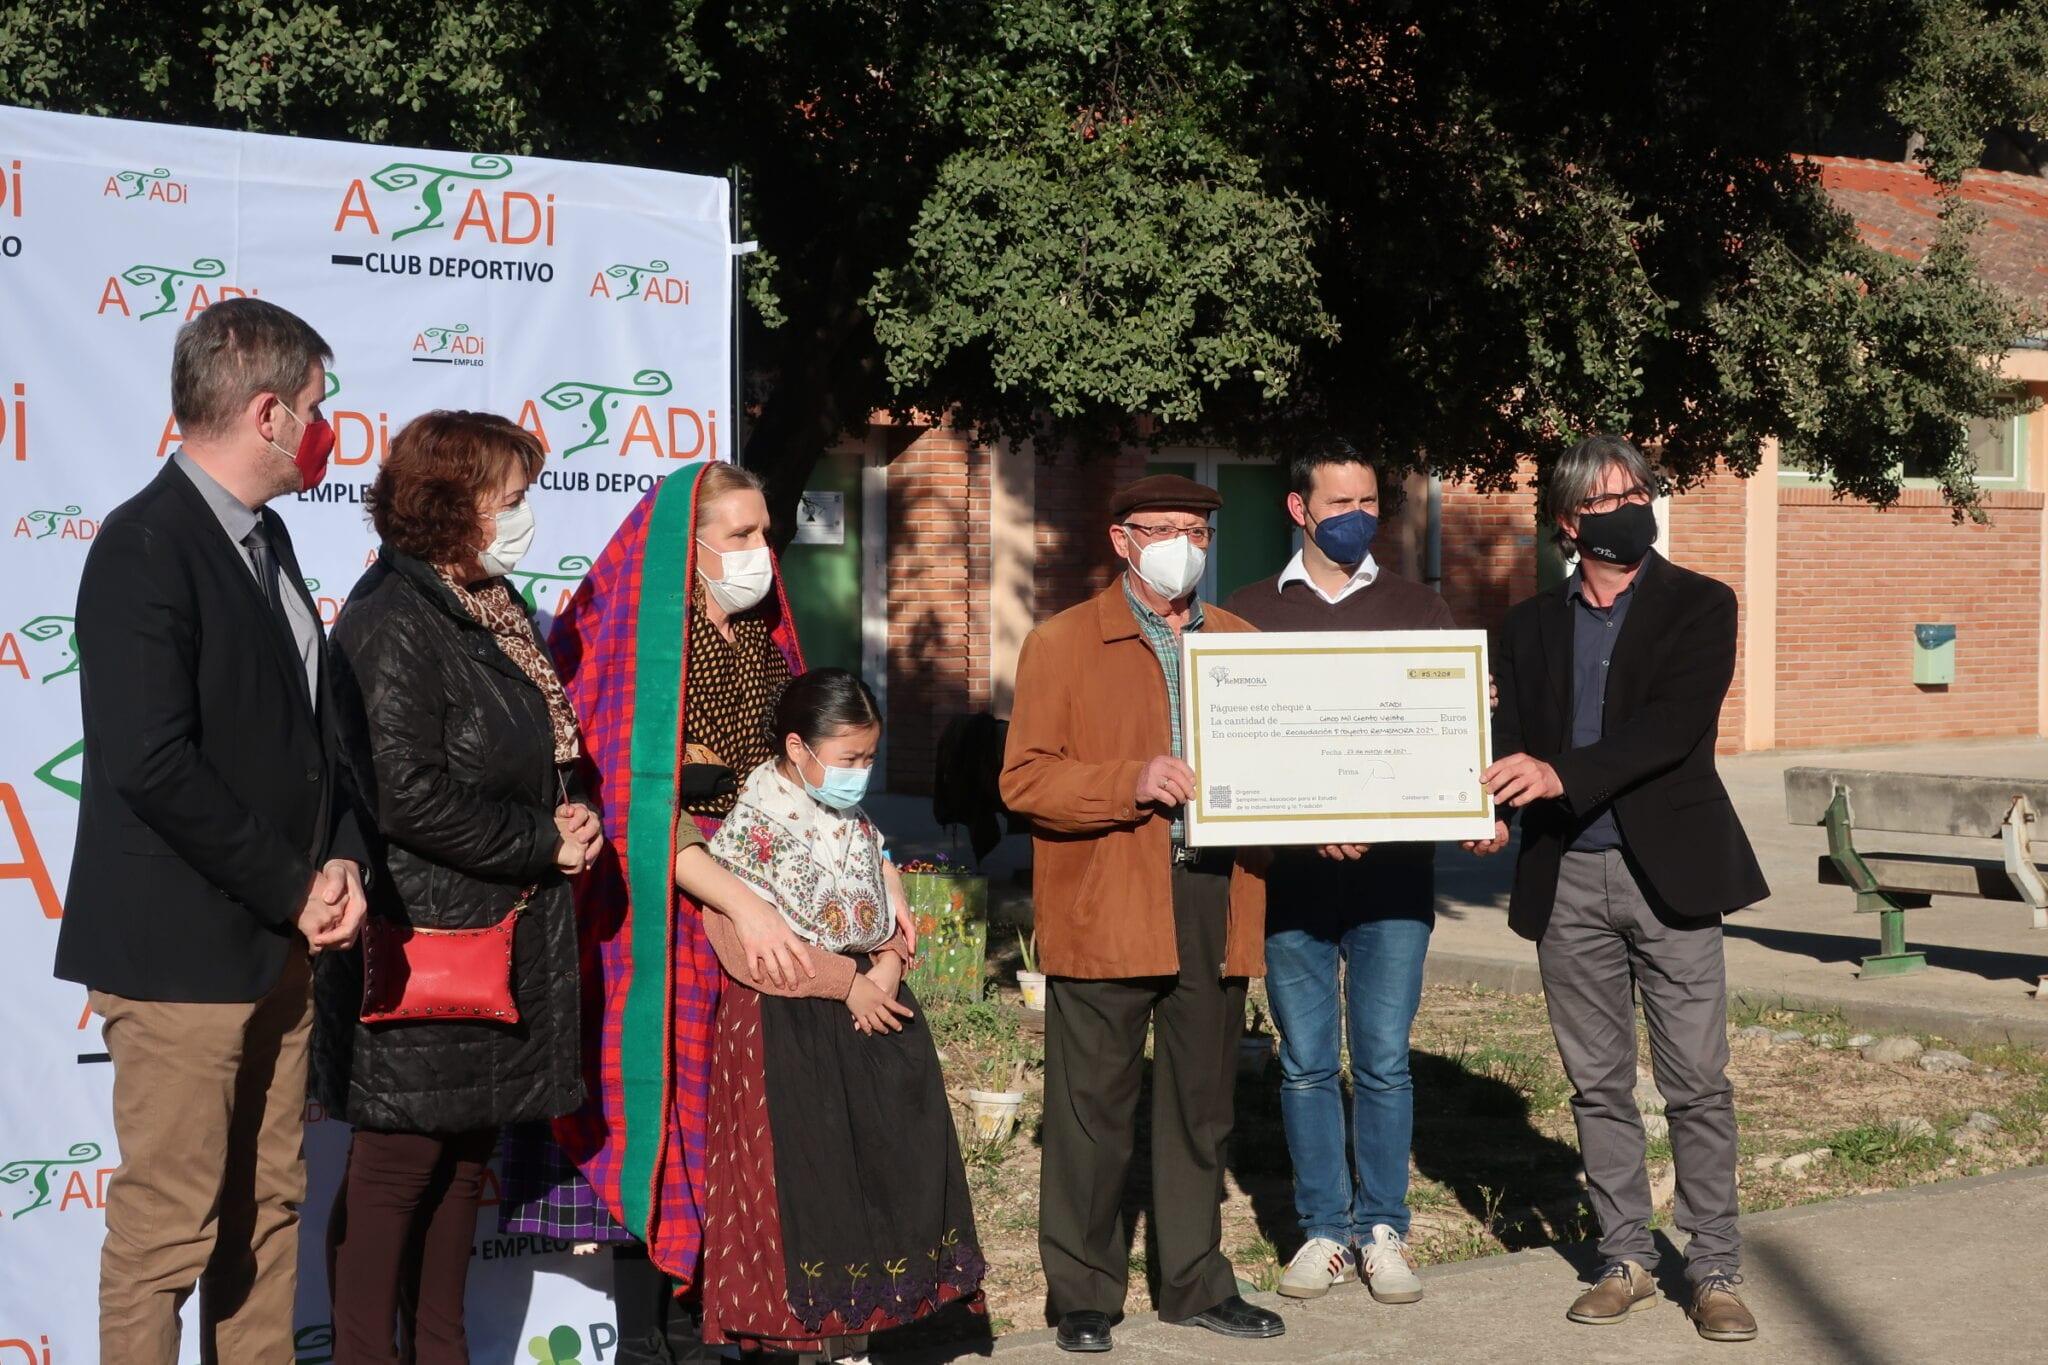 La Asociación Sempiterna dona a ATADI la recaudación de su calendario solidario